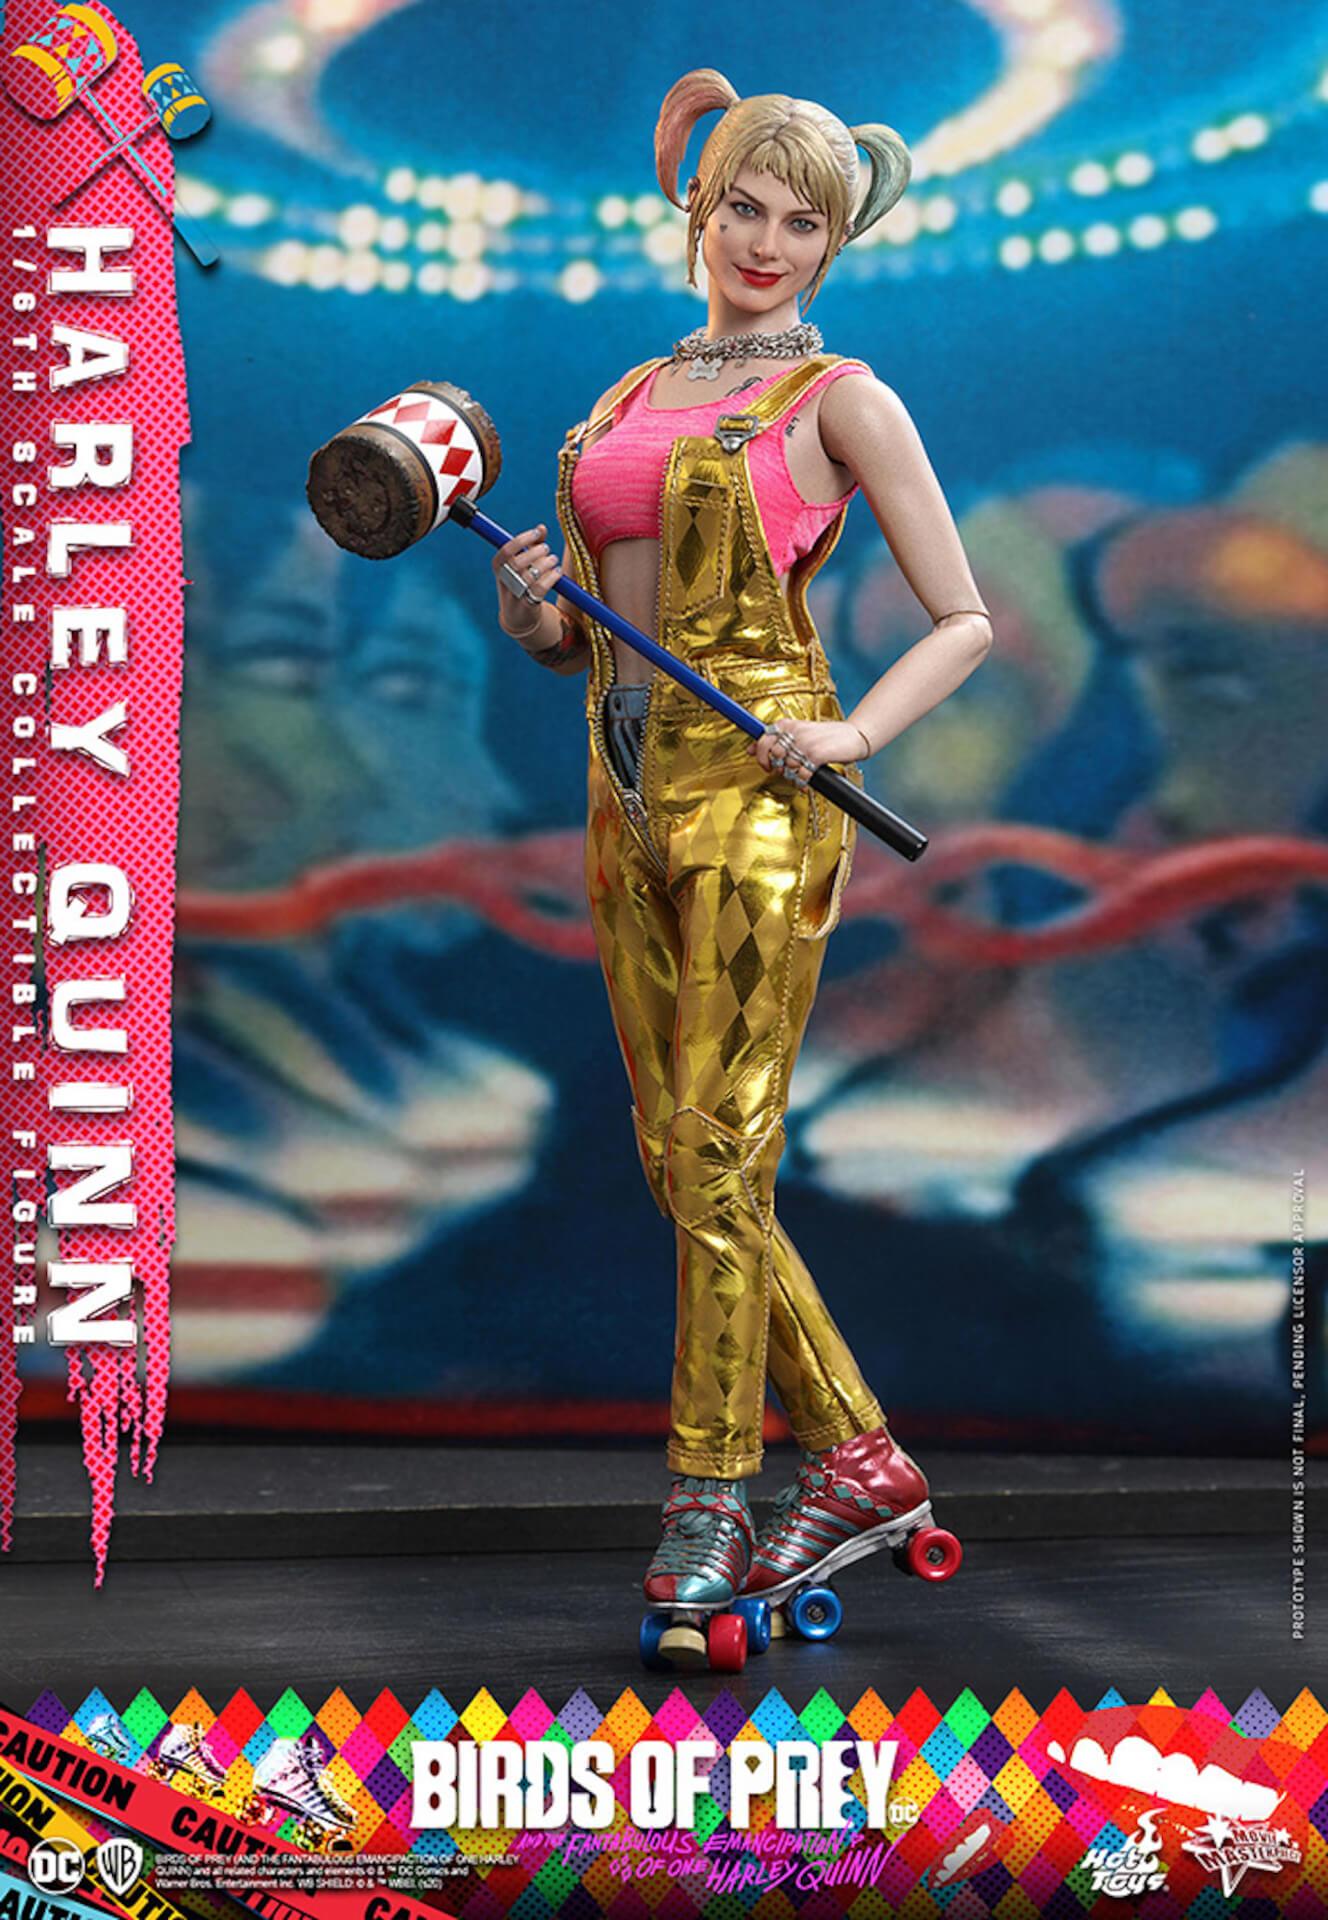 マーゴット・ロビー演じるハーレイ・クインがついに超精巧なフィギュアに!ホットトイズから『ハーレイ・クインの華麗なる覚醒』のフィギュアが登場 art200323_harleyquin_5